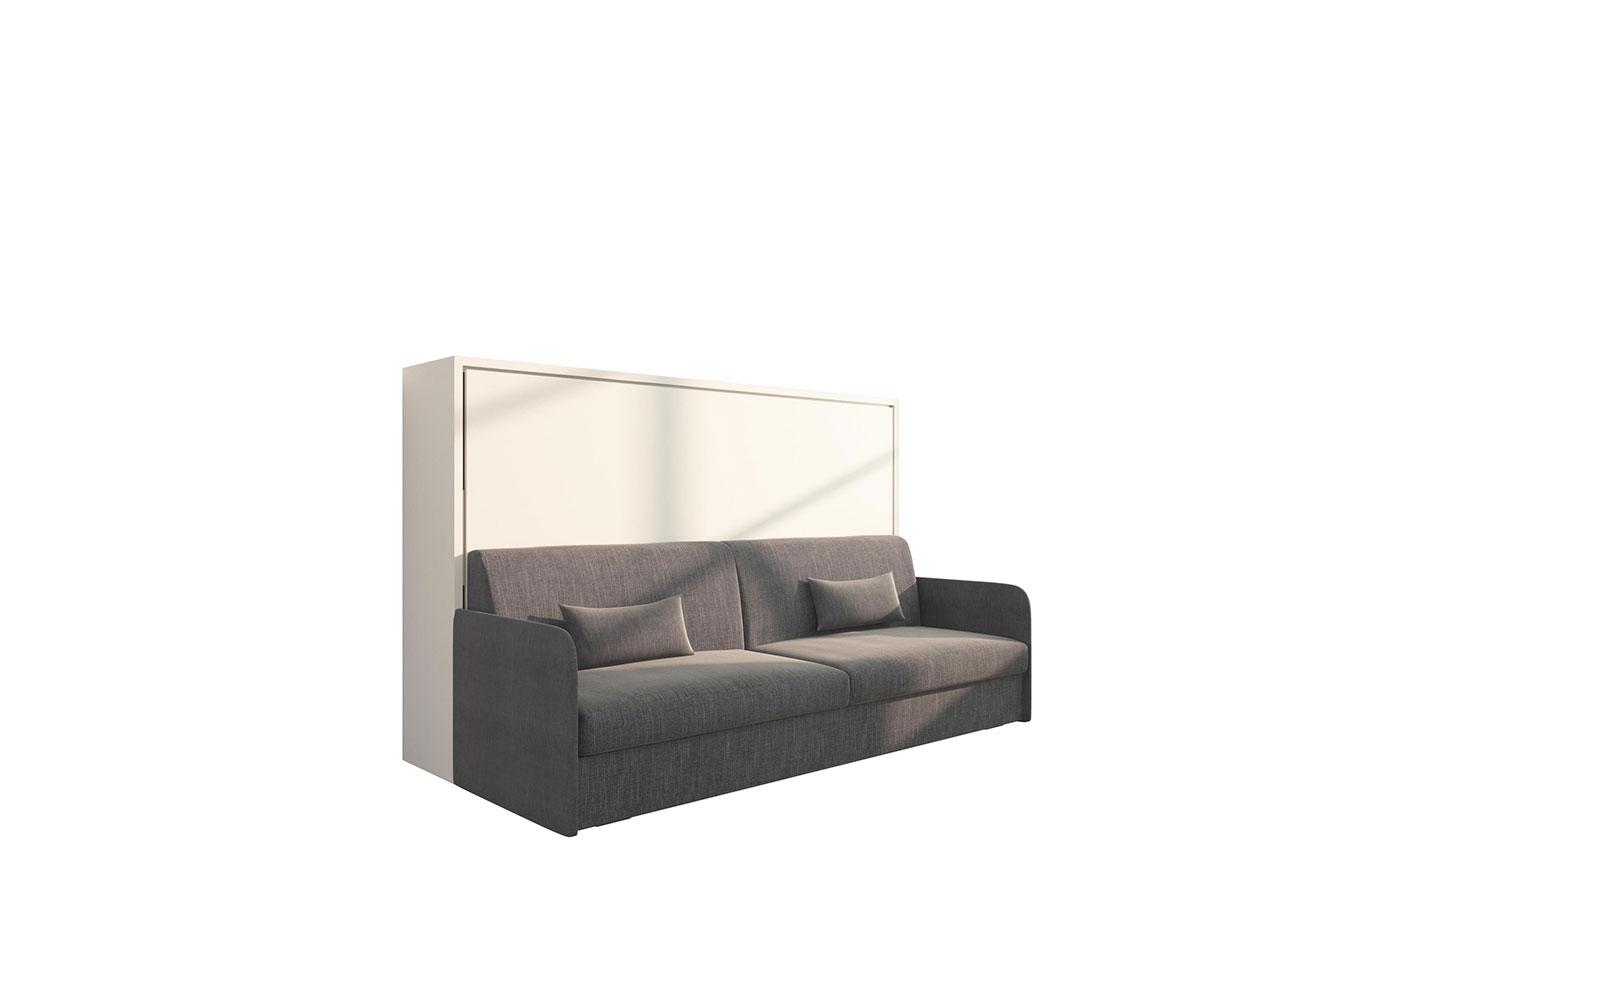 Piuma Sofa 120 - Letto orizzontale a scomparsa con divano bracciolo Slim  salvaspazio